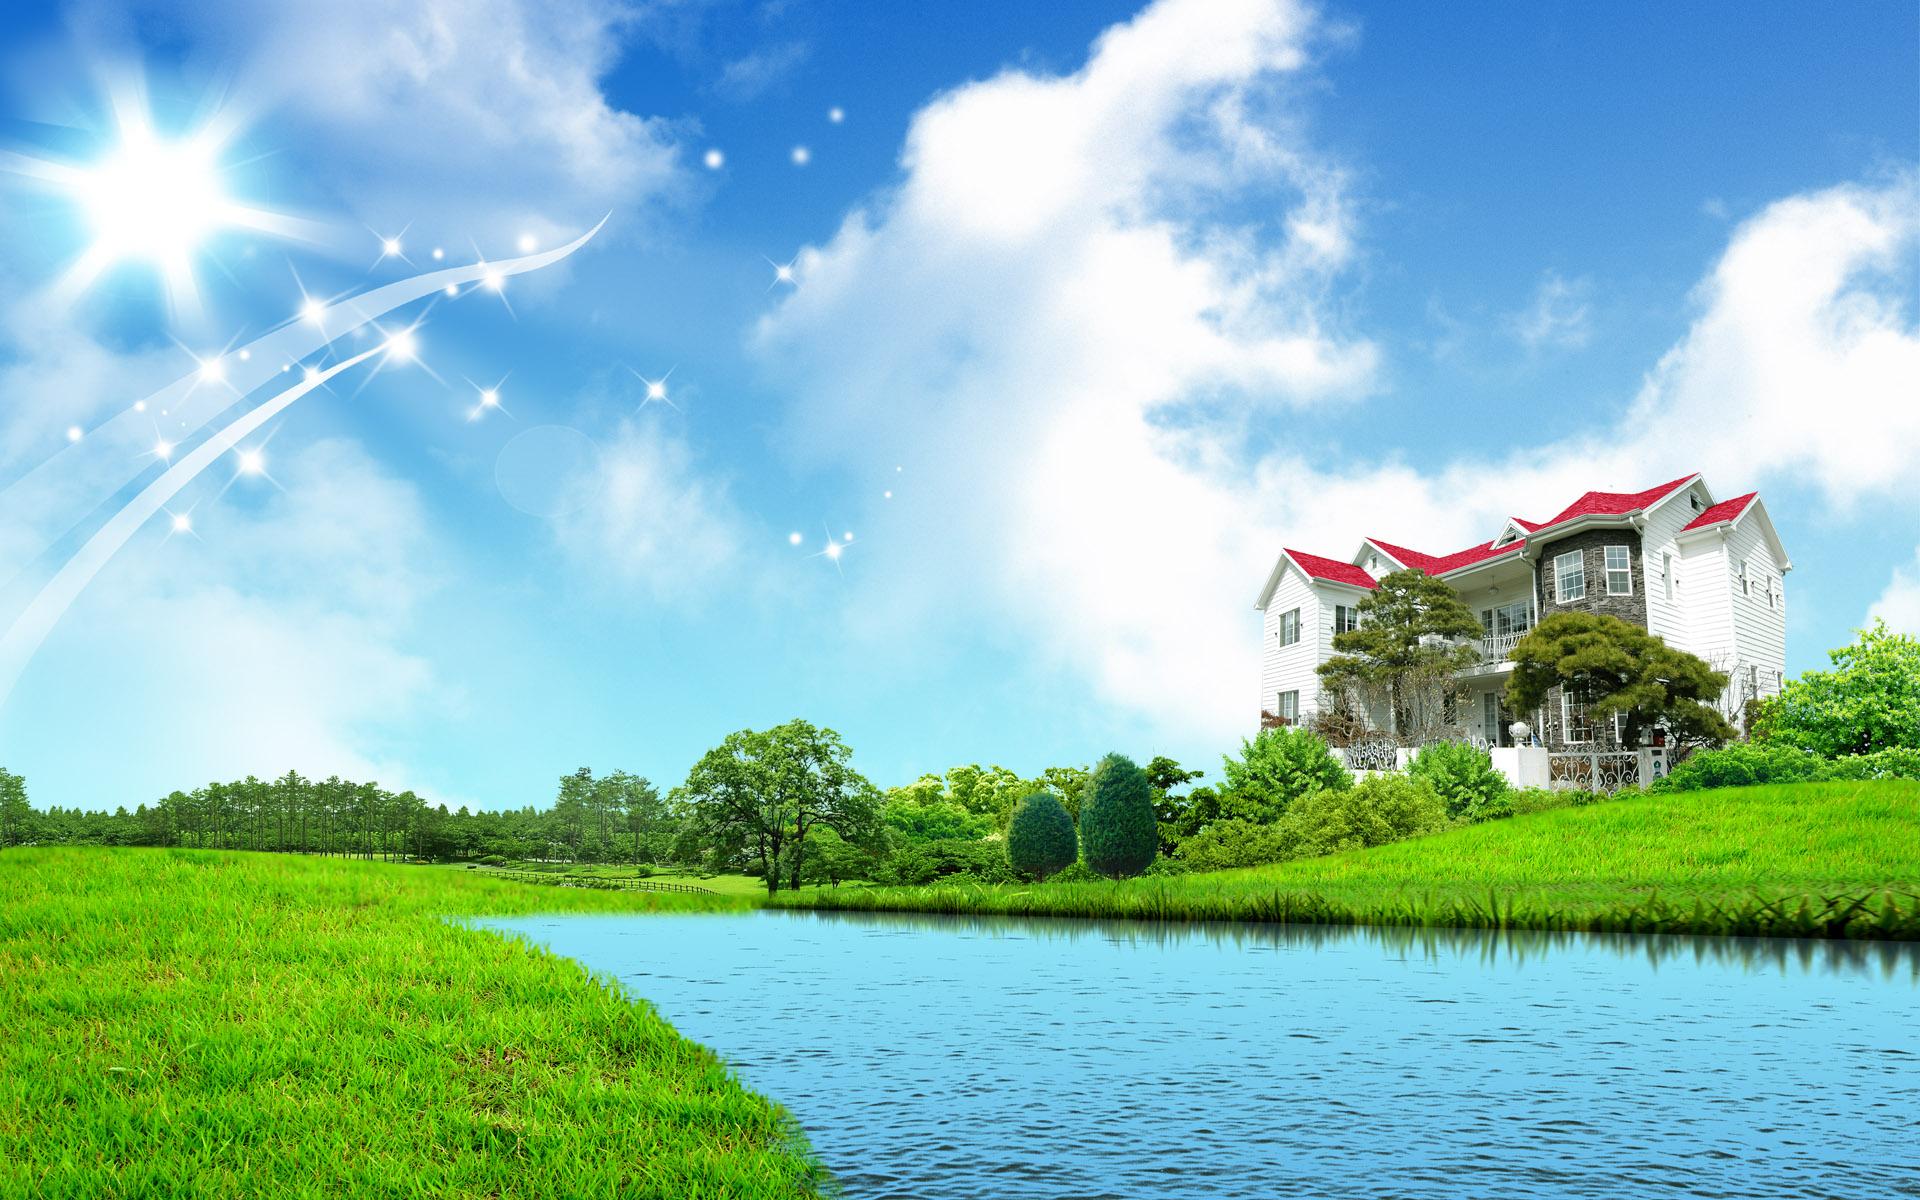 hd wallpaper house - wallpapersafari